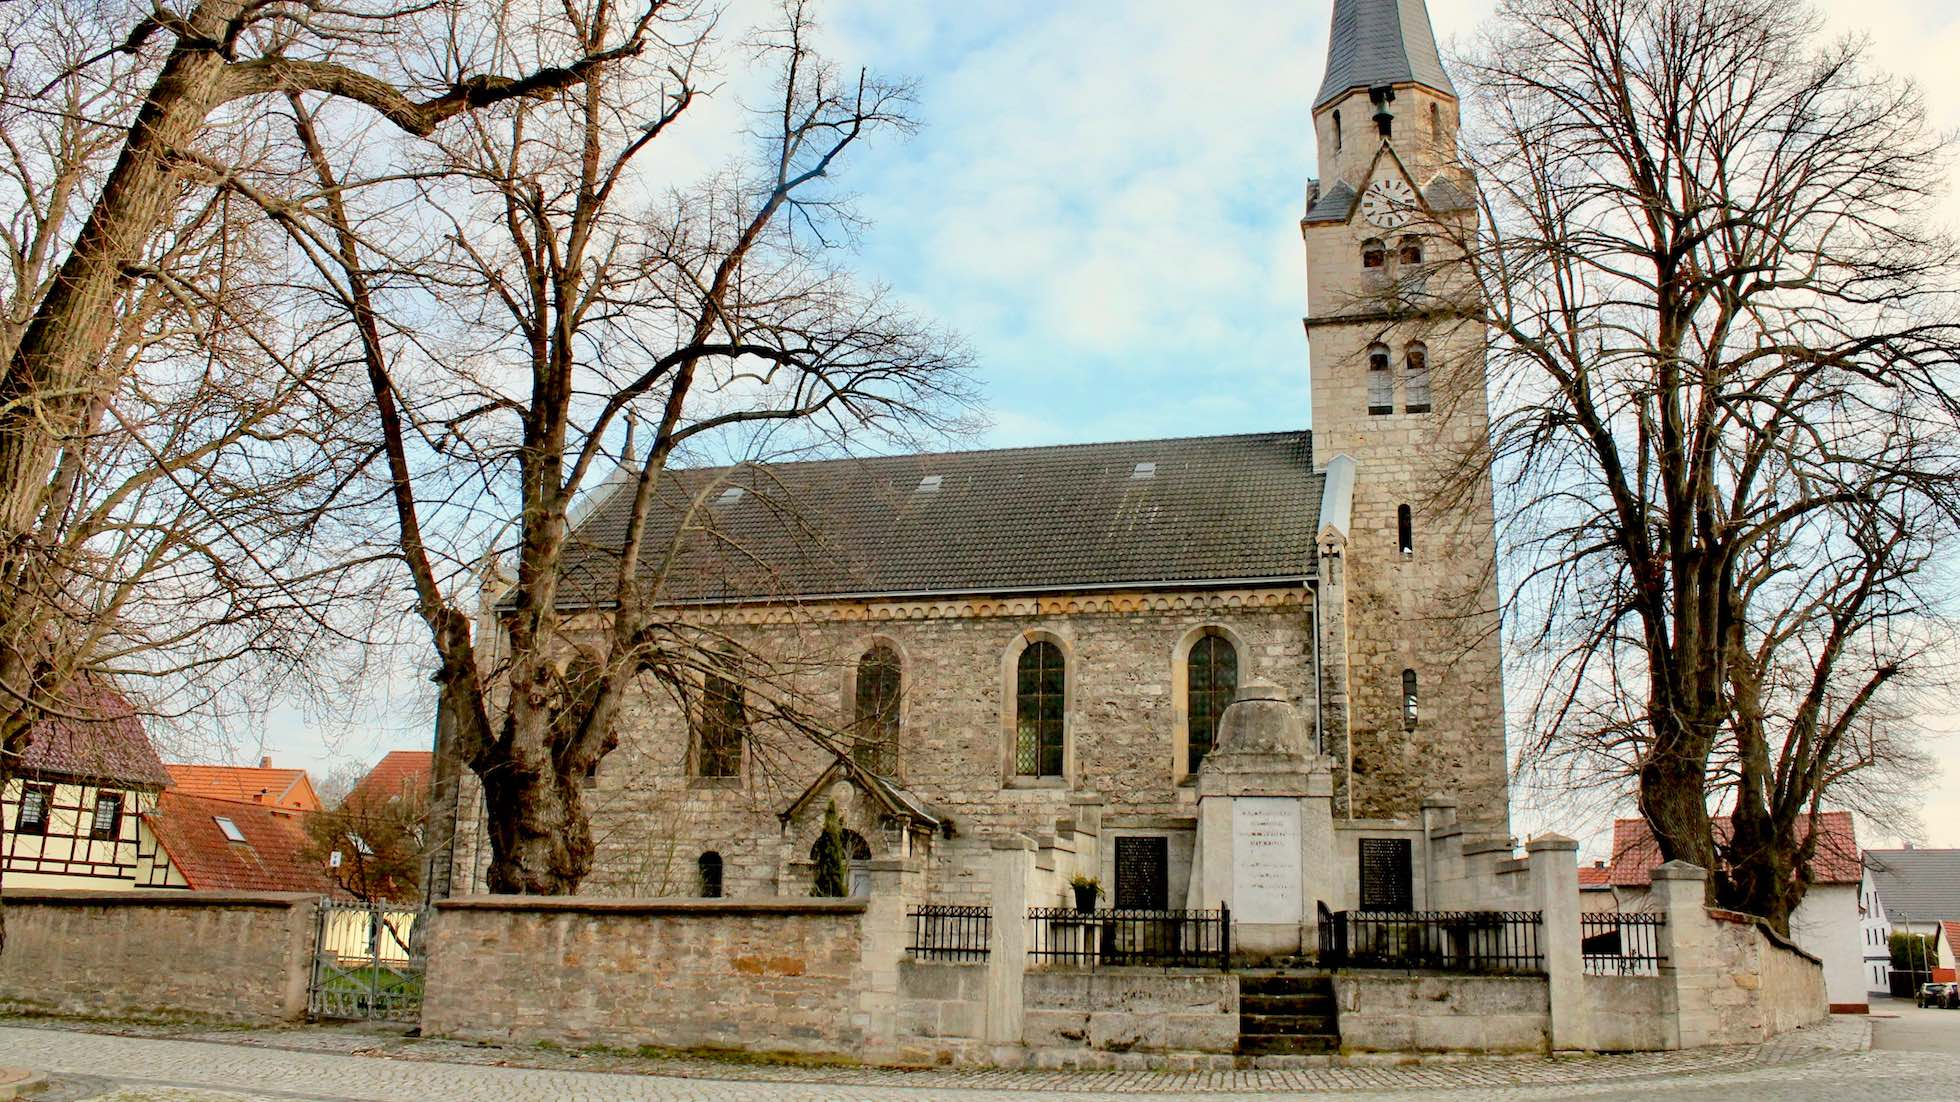 Frontalansicht der Kirche in Dachwig